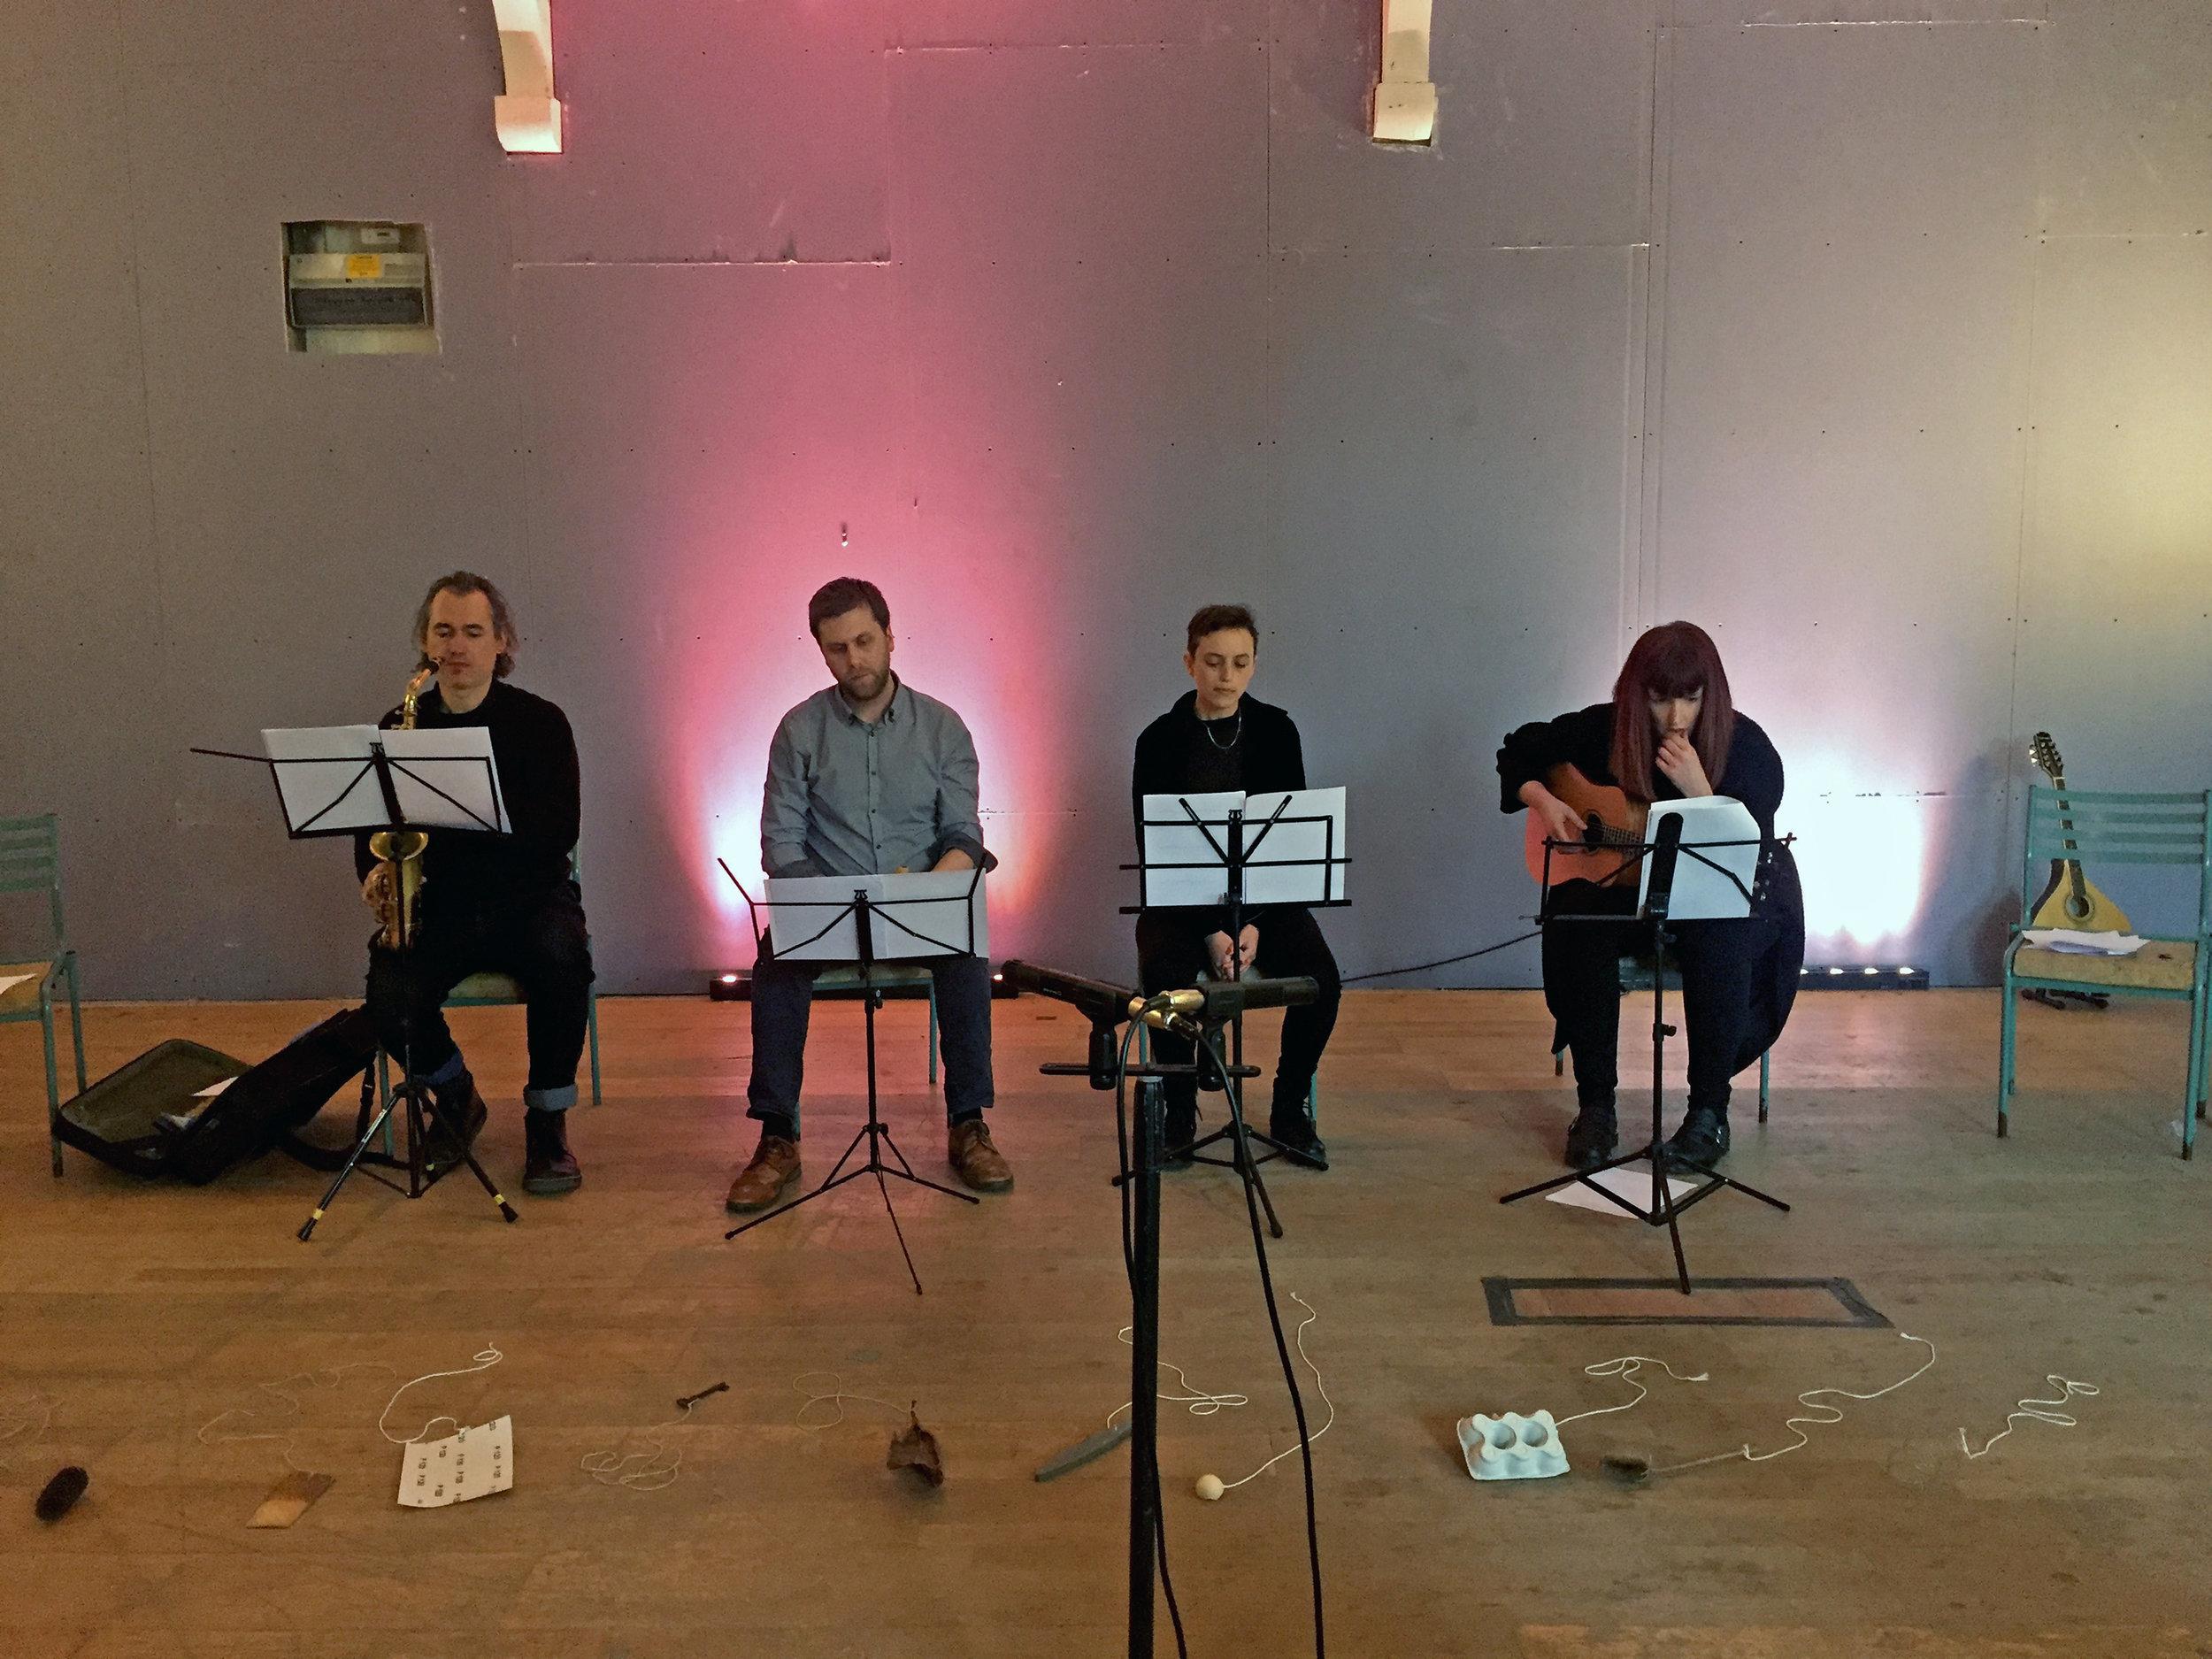 Performers at Eklectik, London